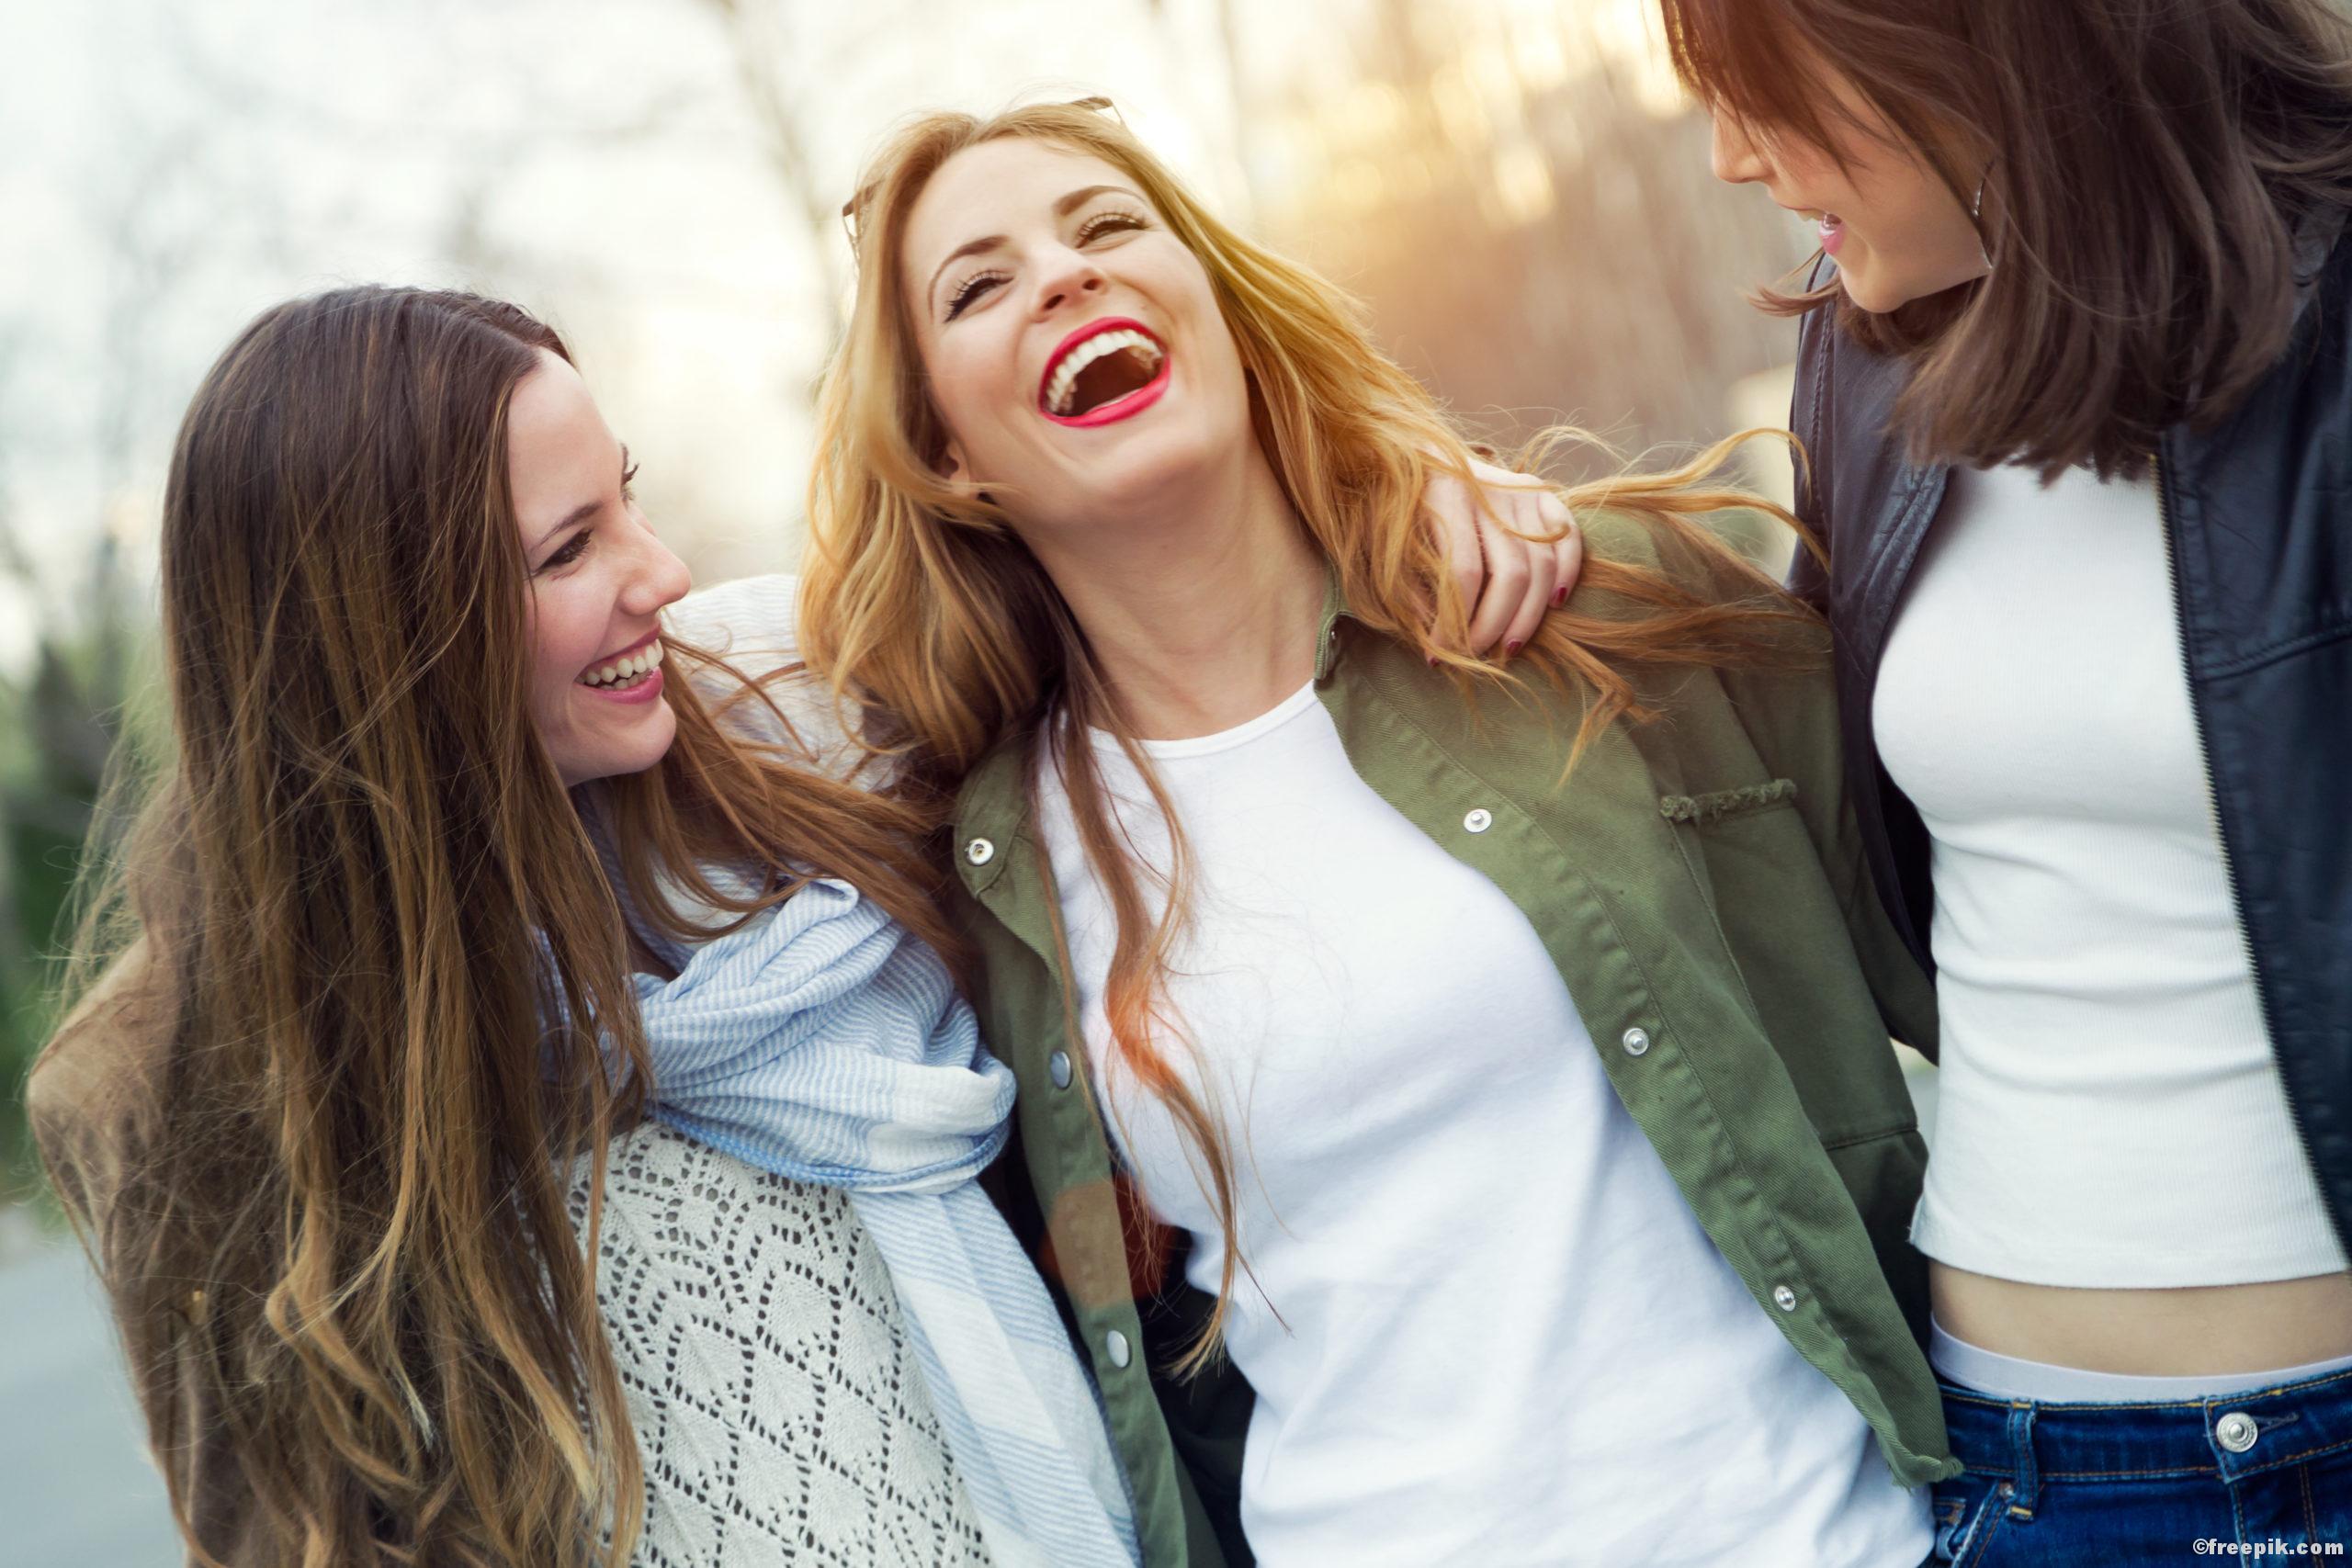 Wunderwerk Mensch! Wusstest du schon, dass lachen glücklich & gesund macht?